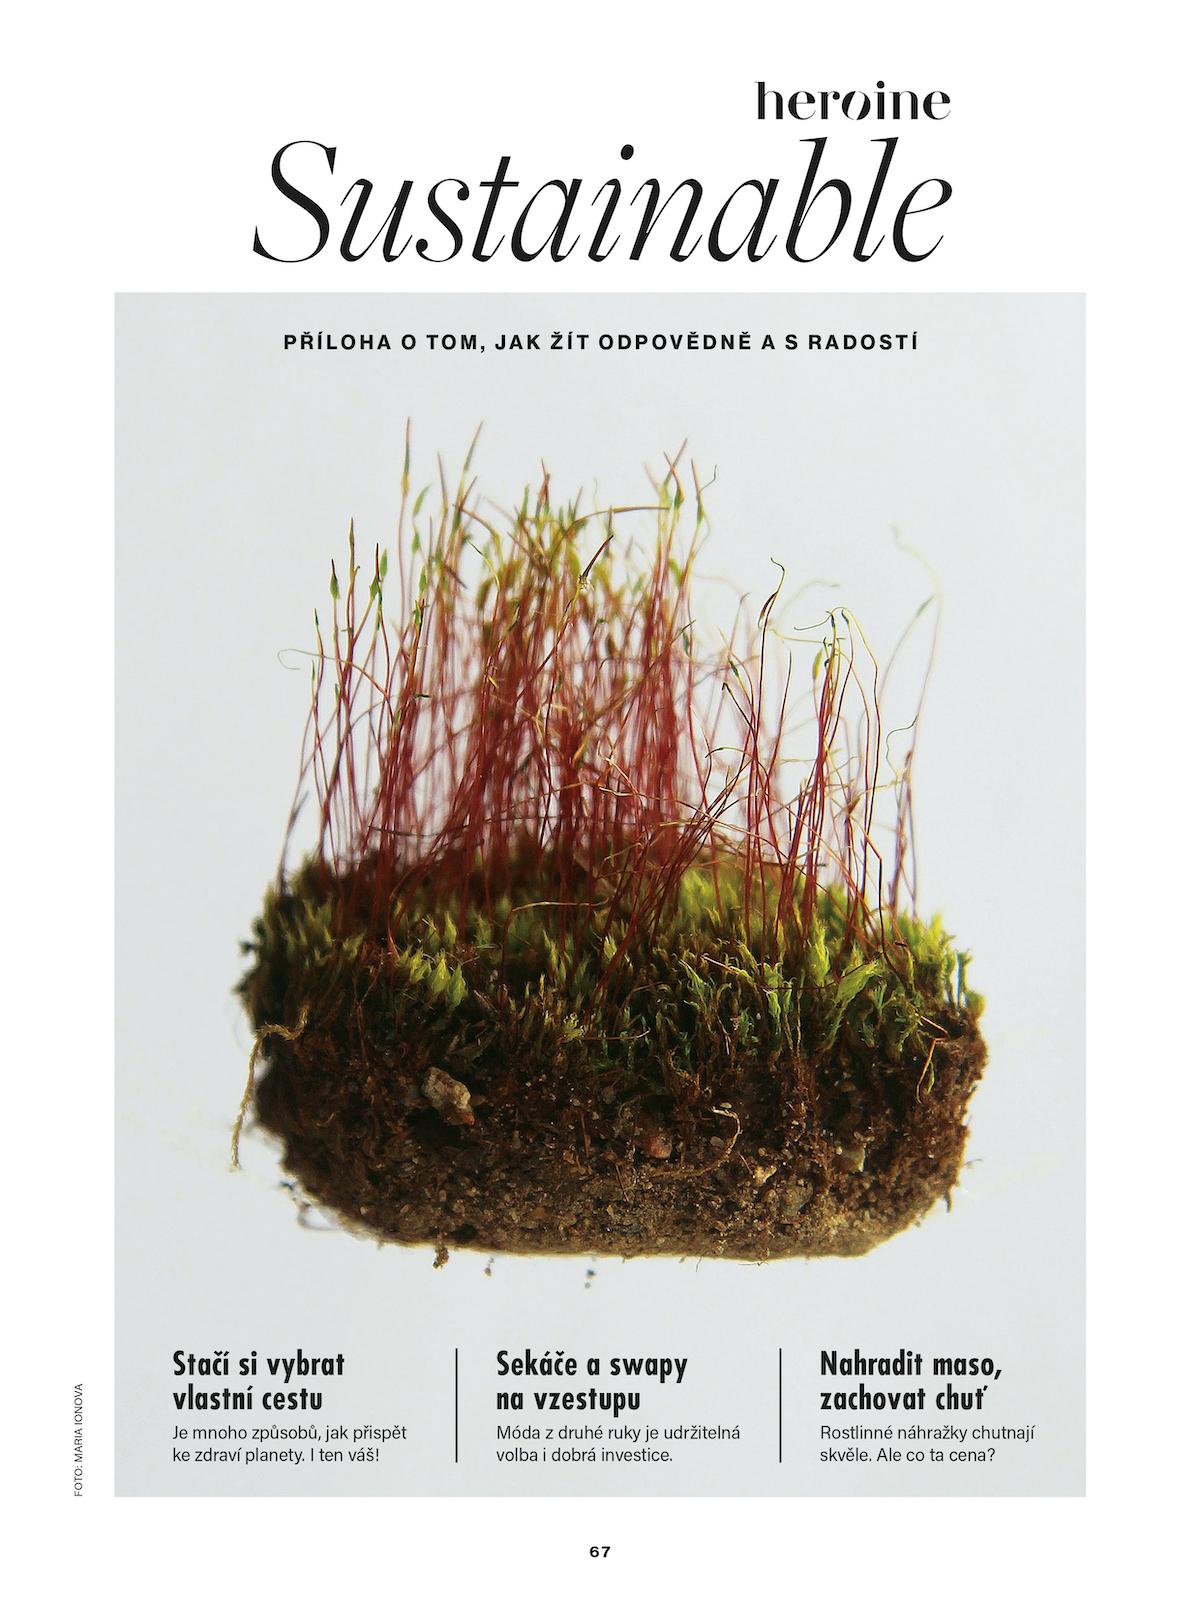 Úvodní stránka vložené přílohy Sustainable